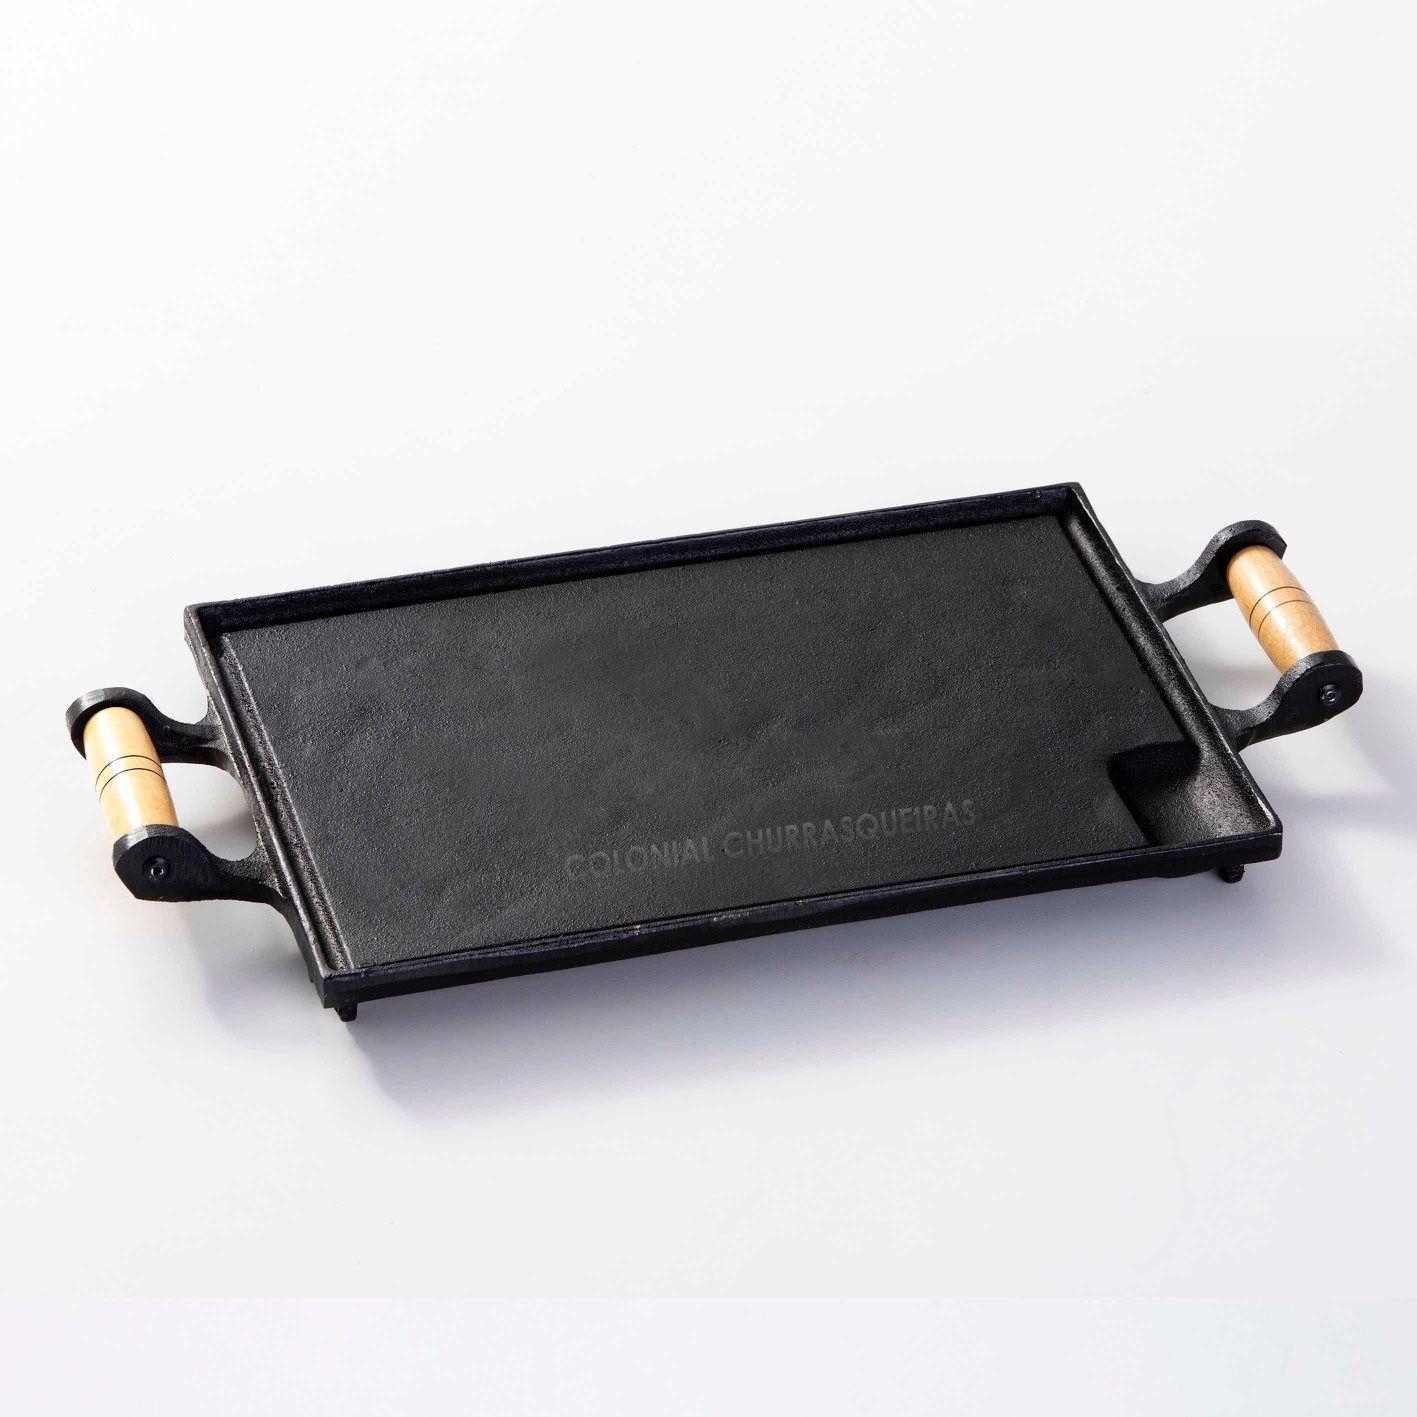 Chapa Bifeteira Ferro Fundido Retangular Lisa 25 x 34 cm com Alças